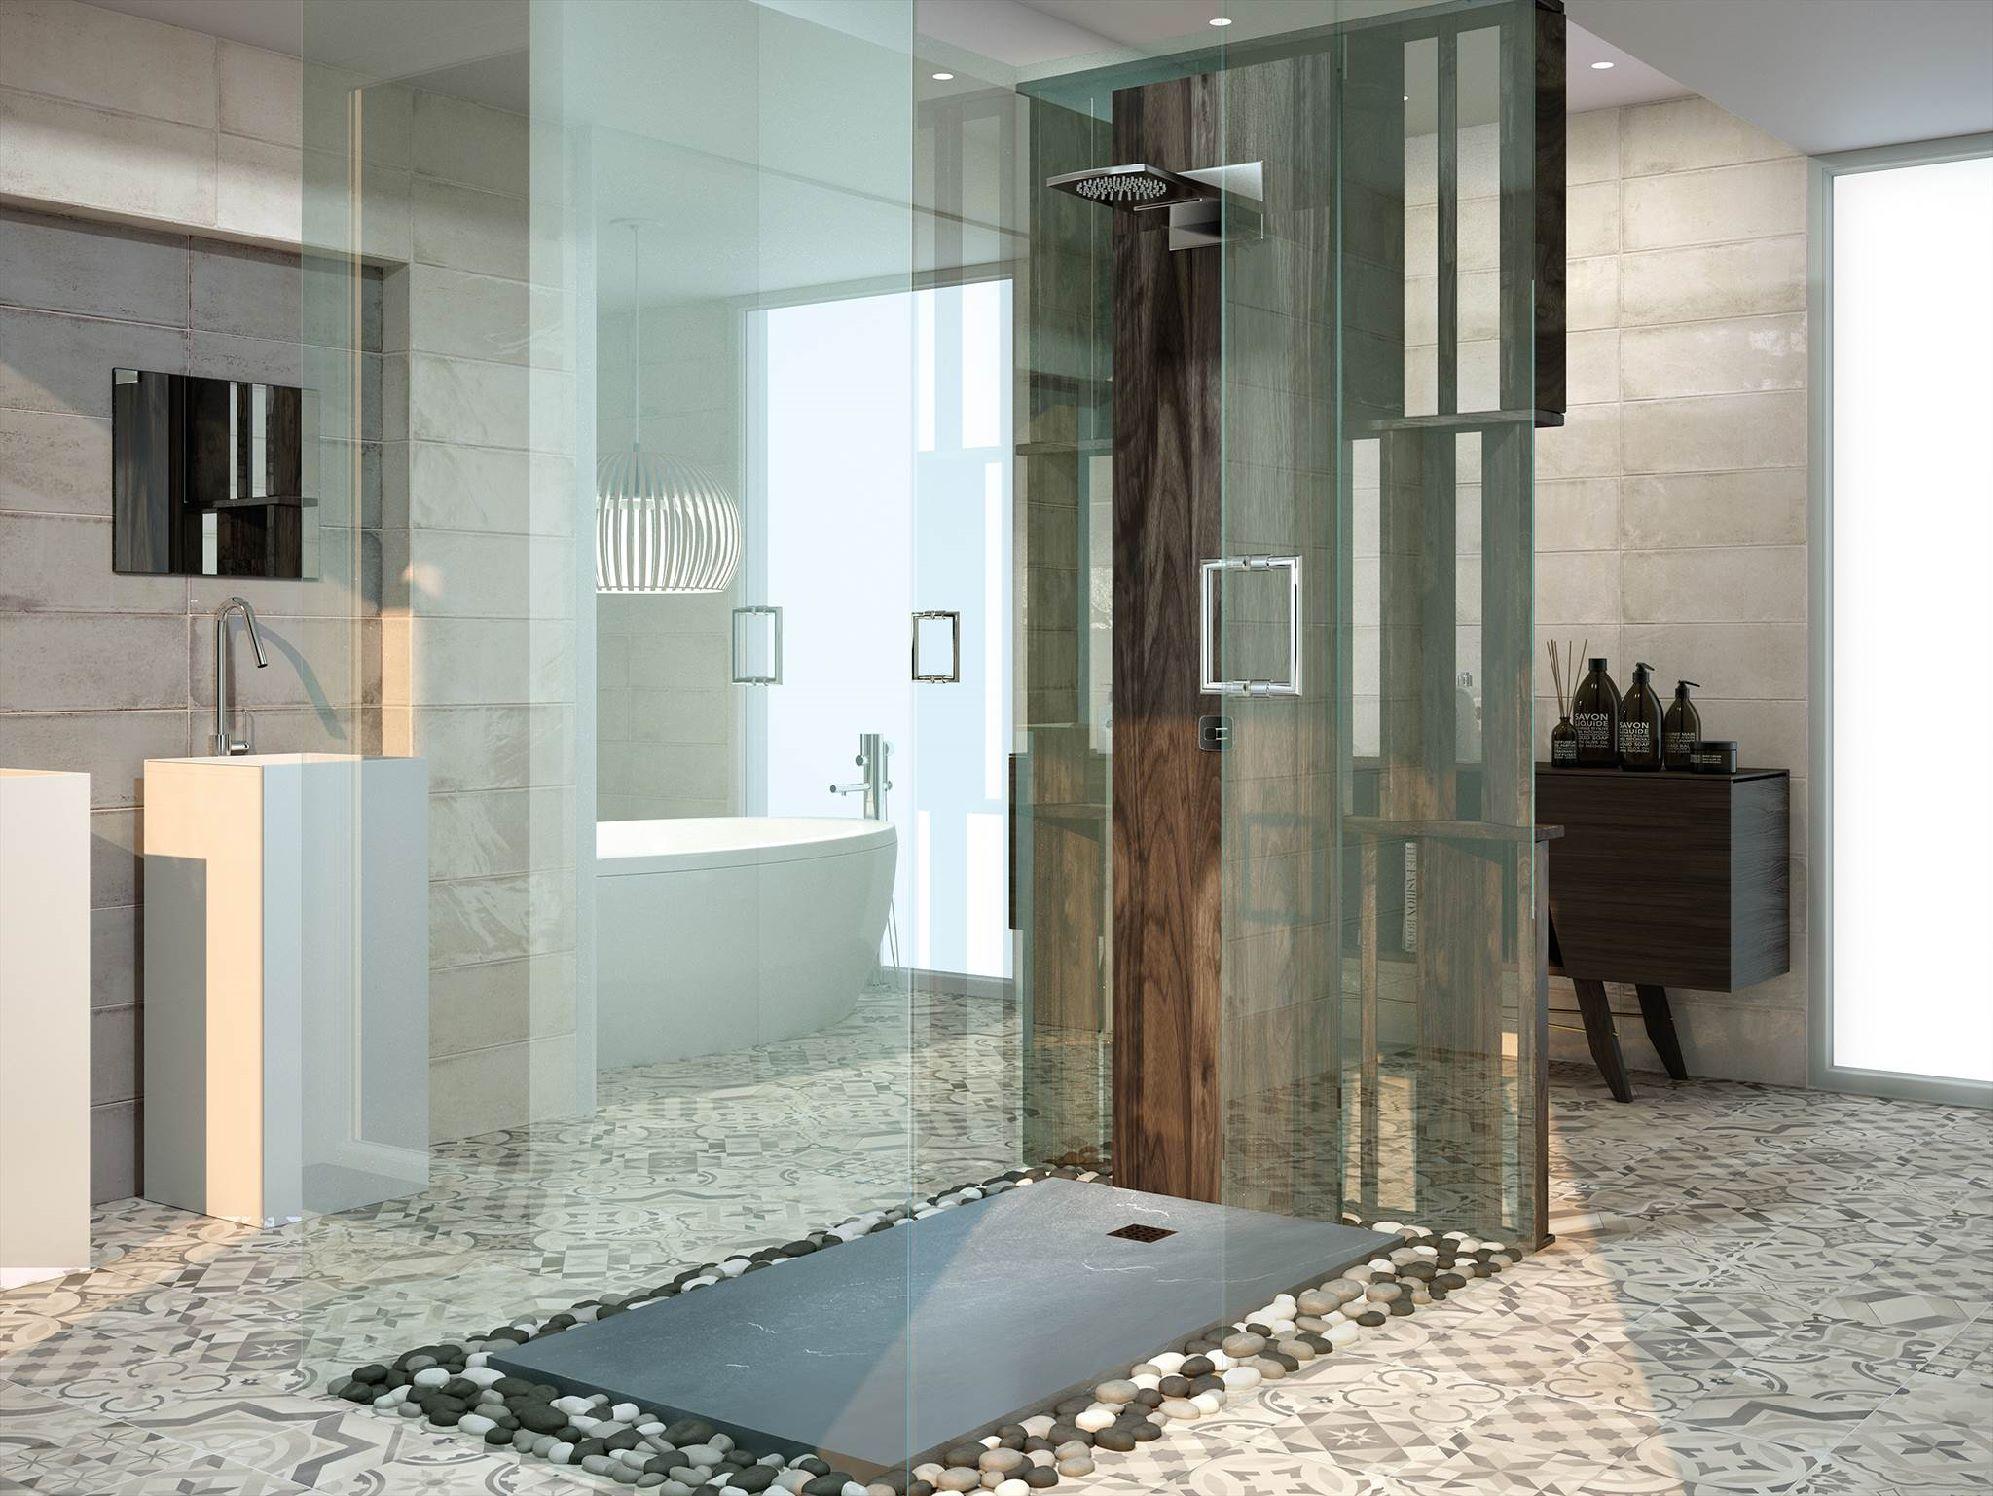 faience salle de bain cifre serie montblanc 20x50 1Â choix